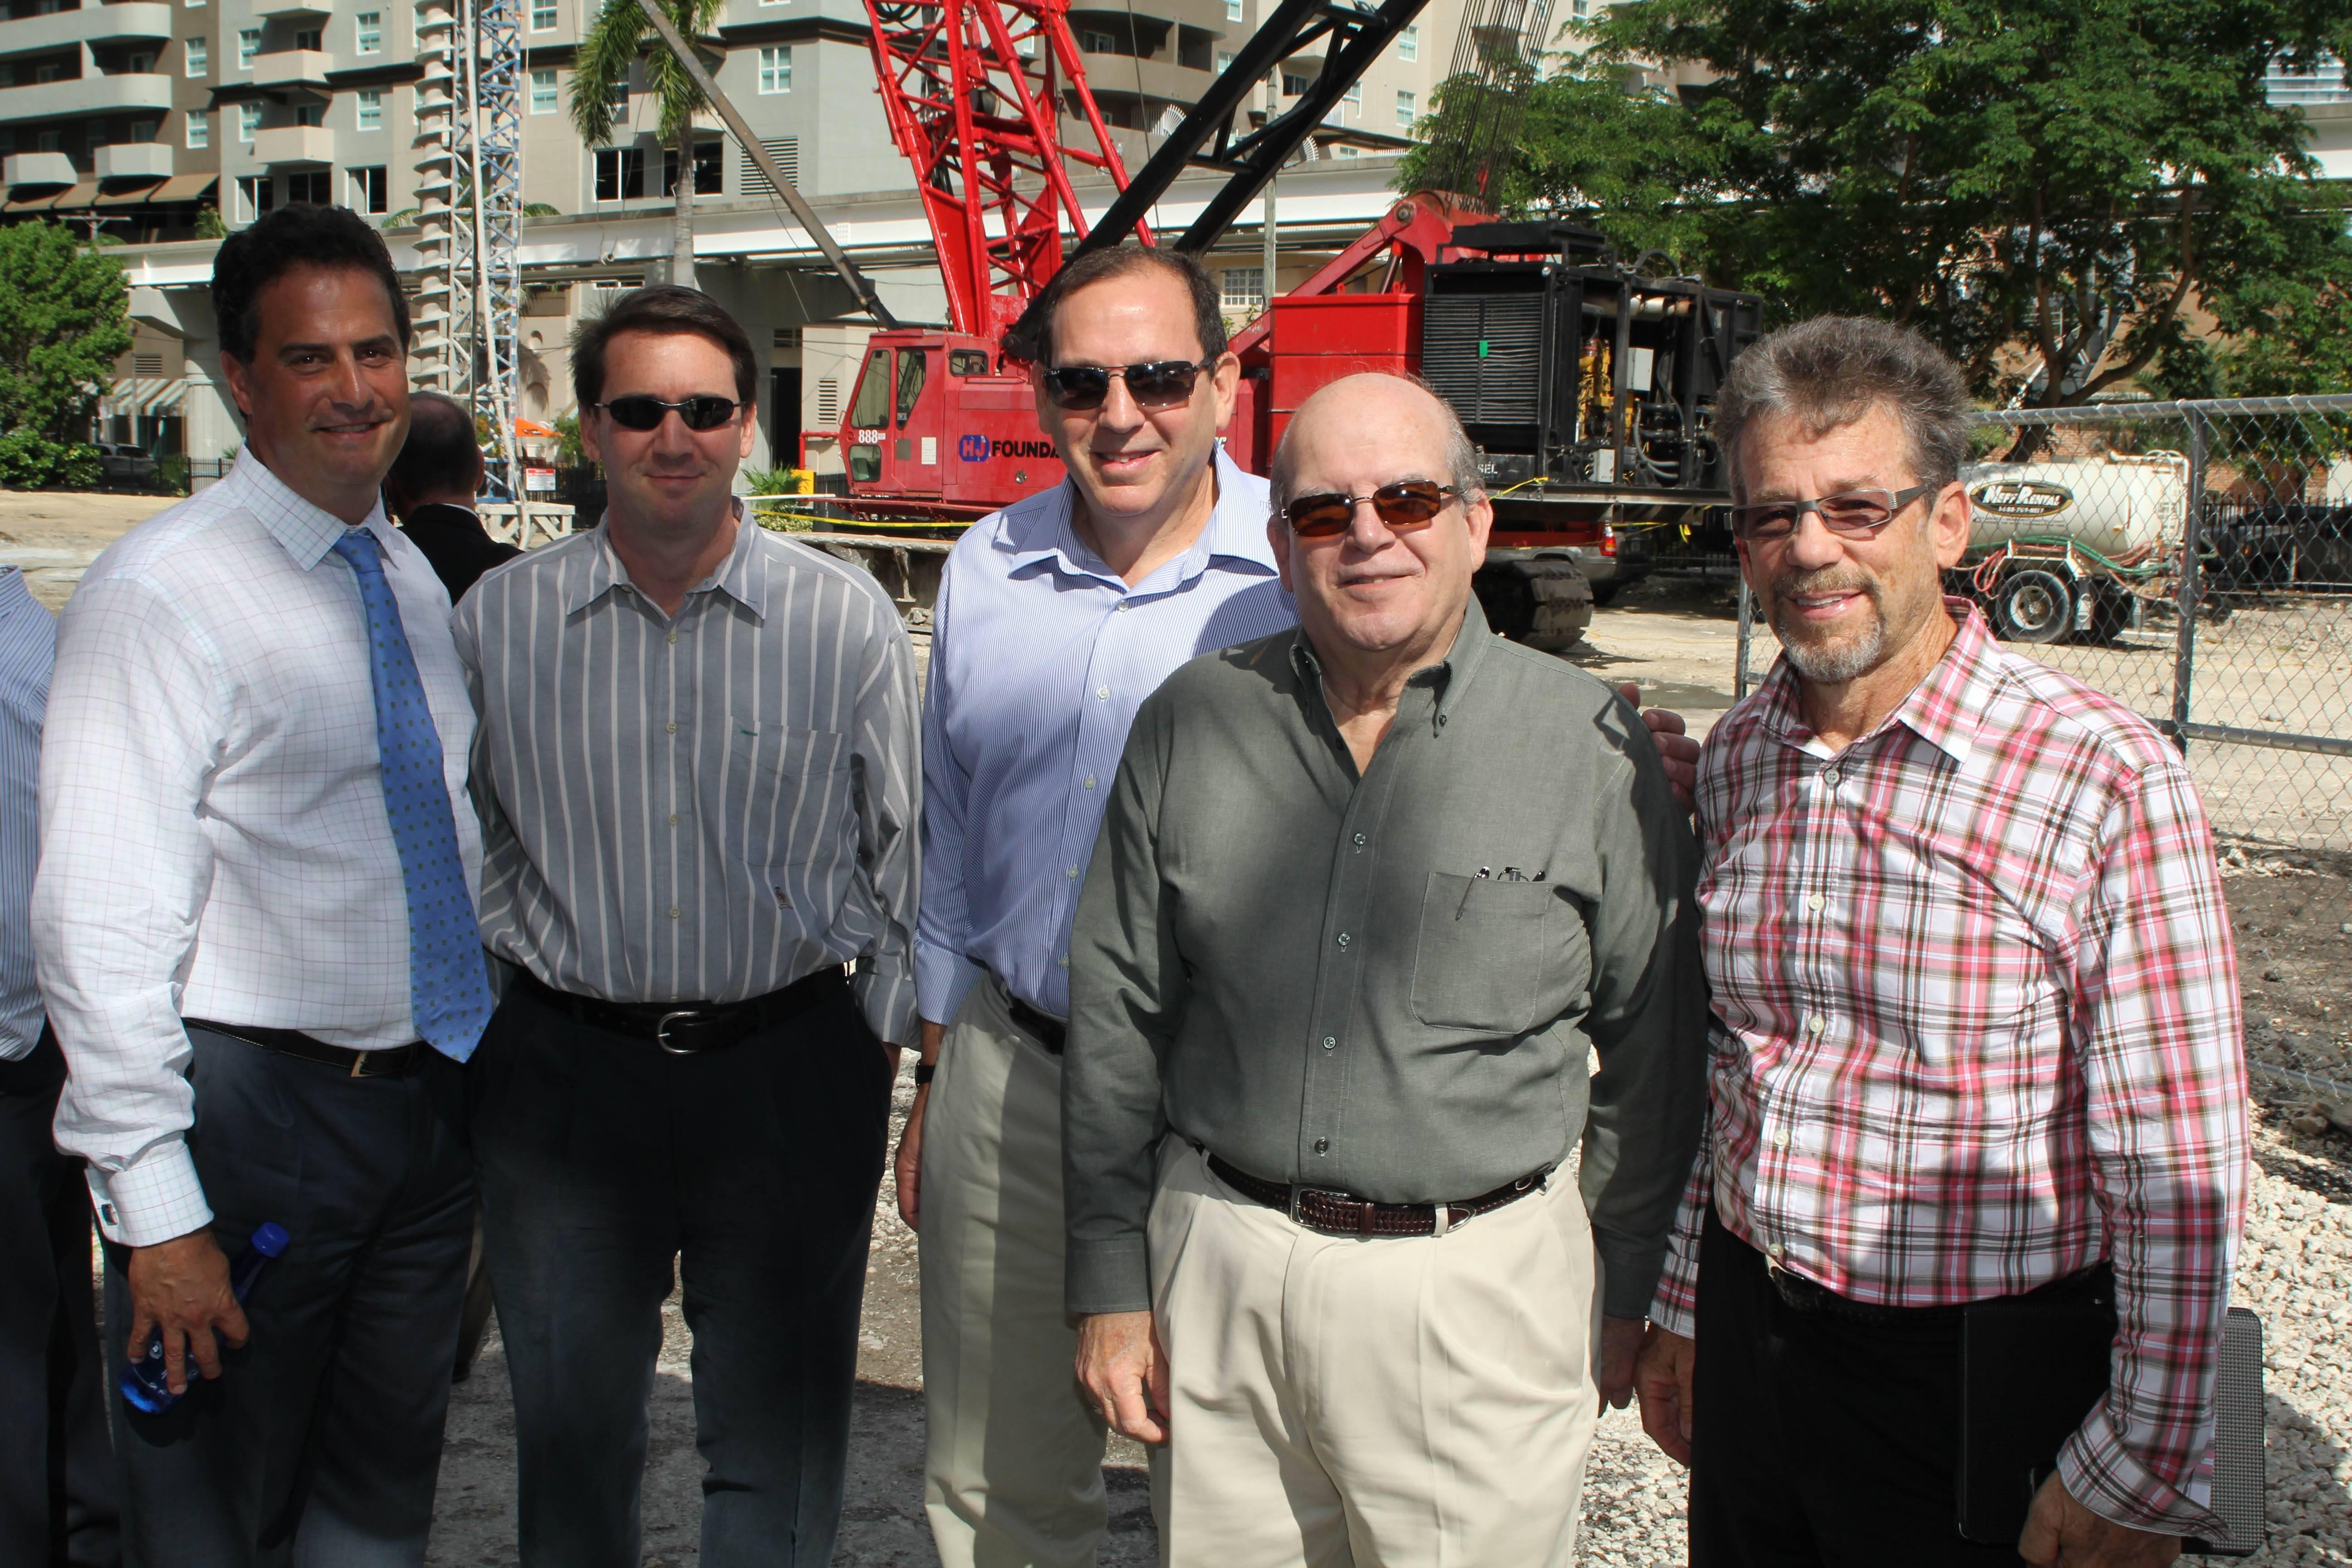 Jim Werbelow, Sandy Peaceman, Larry Freedman, Bill Encinosa, Steve Feller